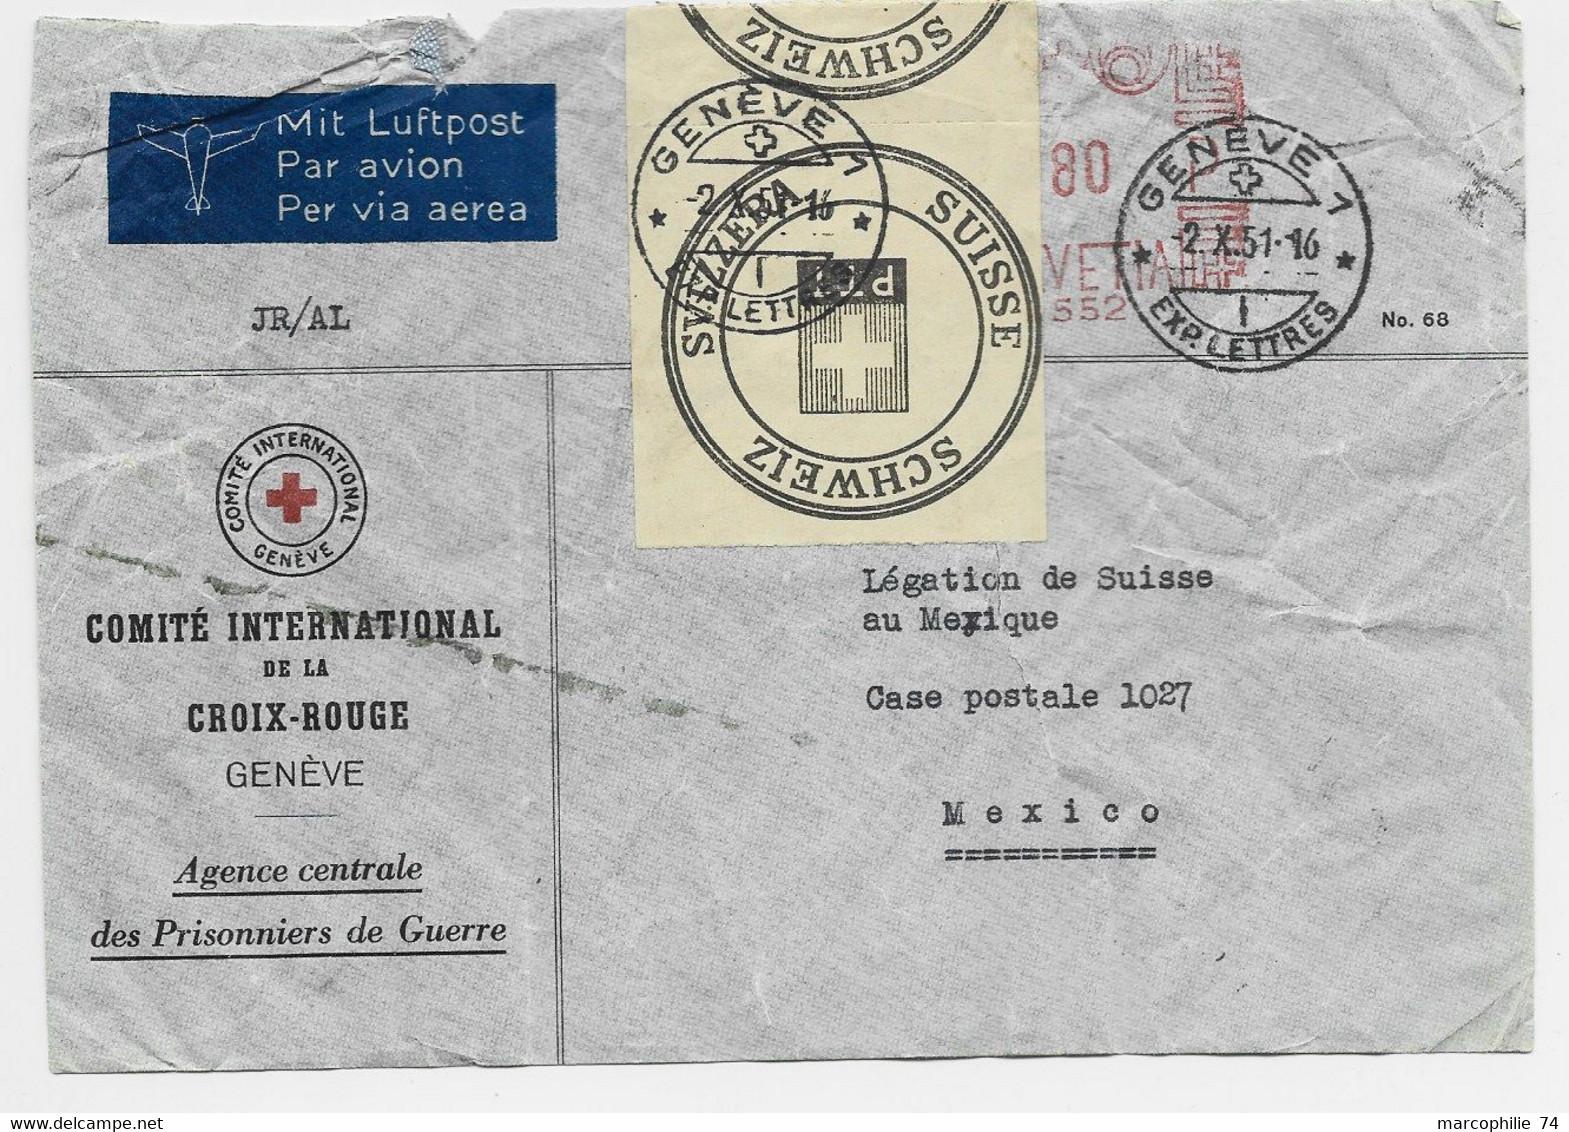 HELVETIA SUISSE LETTRE COVER ENTETE CROIX ROUGE GENEVE 1951 POUR MEXICO + ETIQUETTE SCHWEIZ + DETERIORE GENEVE - Cartas